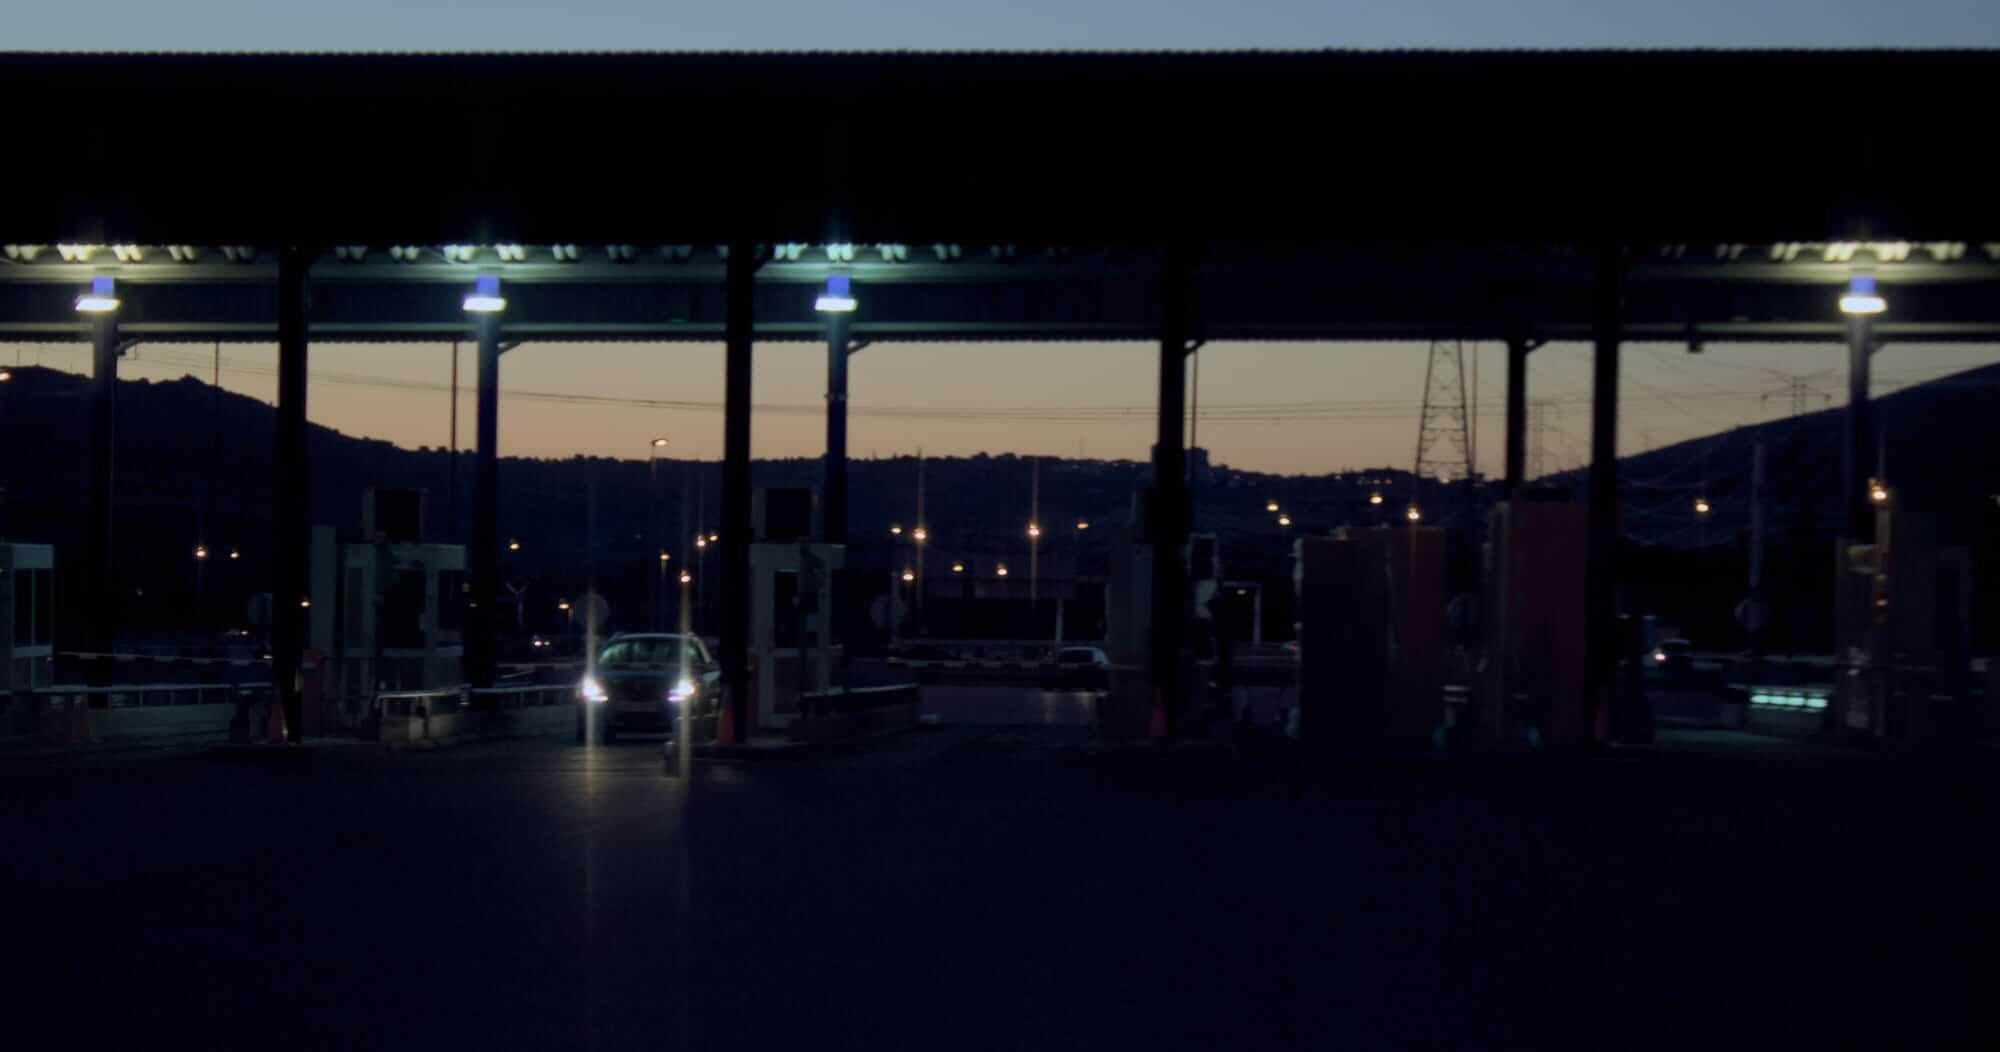 Durante el amanecer y el atardecer debemos usar las luces de cruce para hacernos ver en la carretera. Imagen ilustrativa.